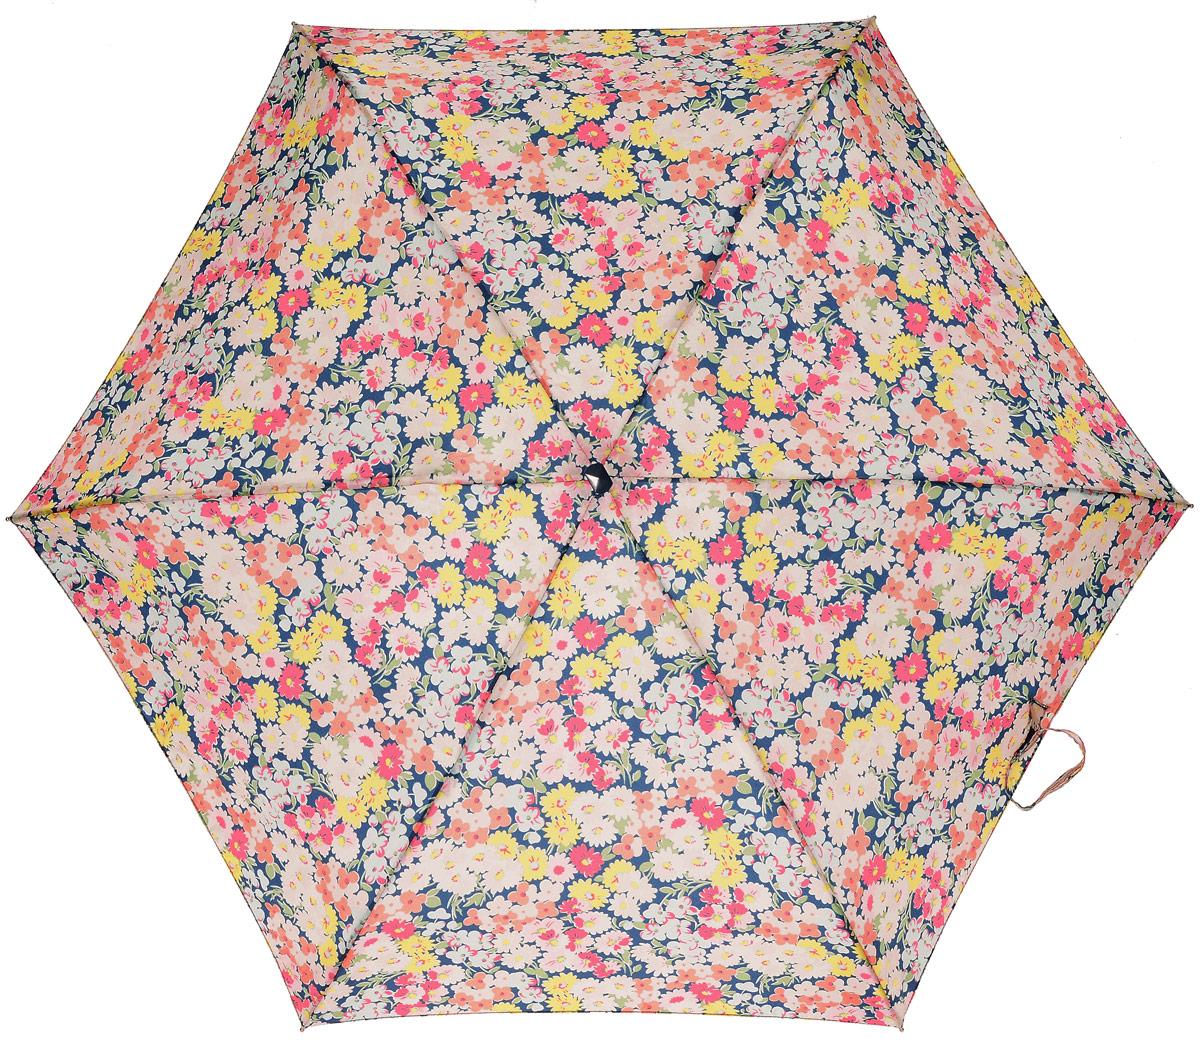 Зонт женский механика Cath Kidston Fulton, расцветка: расцветкаы. L521-3132 Daisy BedL521-3132 DaisyBedПрочный, необыкновенно компактный зонт, который с легкостью поместится в маленькую сумочку. Удобный плоский чехол. Облегченный алюминиевый каркас с элементами из фибергласса. Ветроустойчивая конструкция. Размеры зонта в сложенном виде 15смх6смх3см, диаметр купола 87 см.